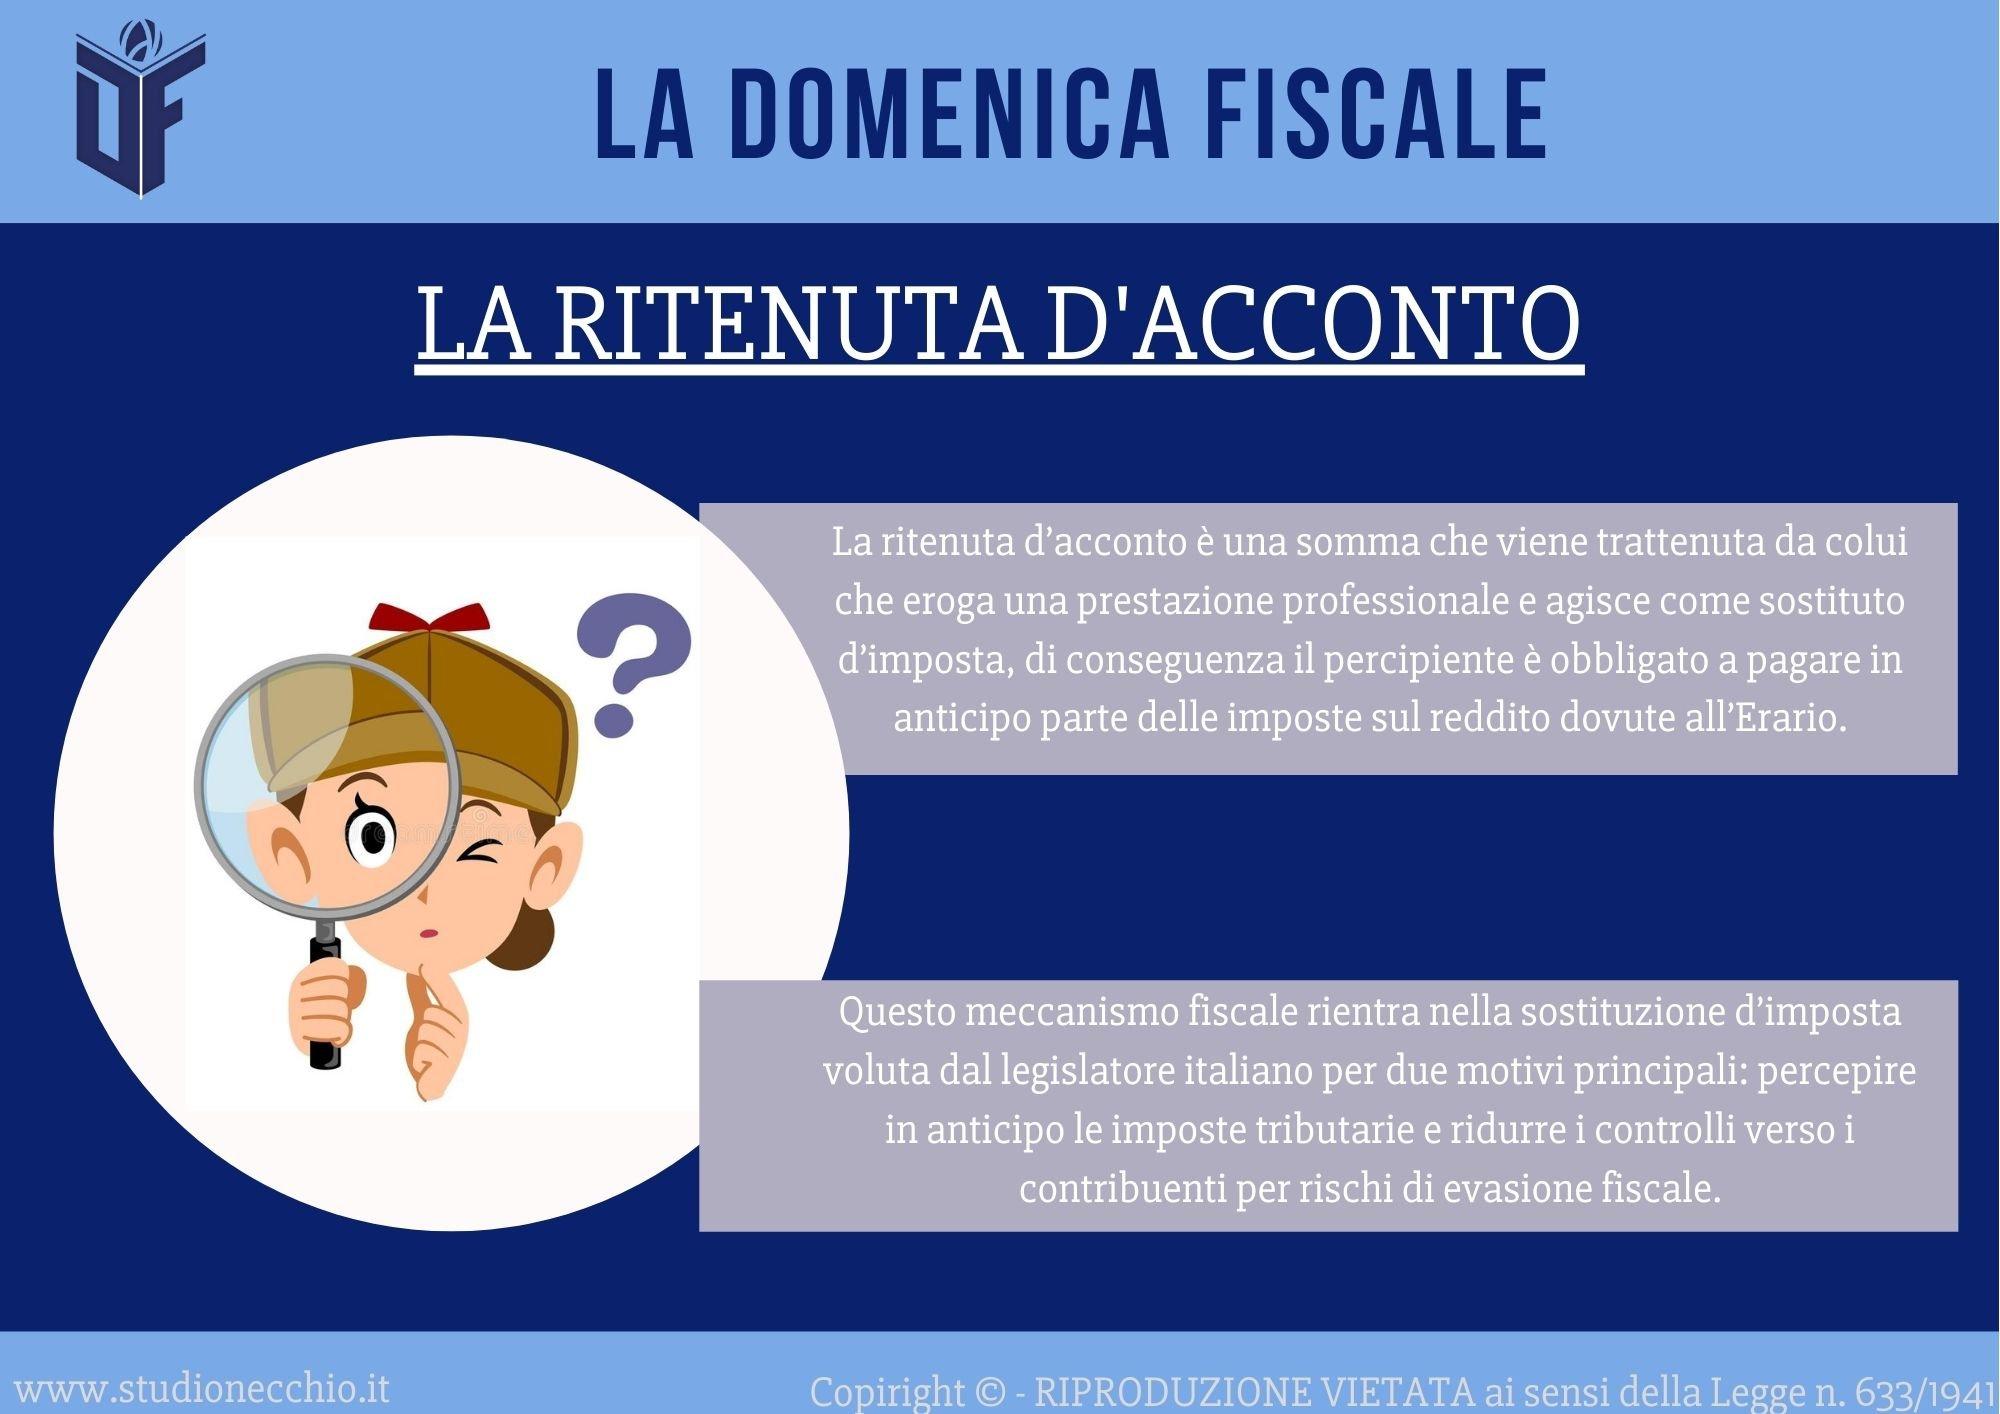 La Domenica Fiscale – La Ritenuta d'Acconto